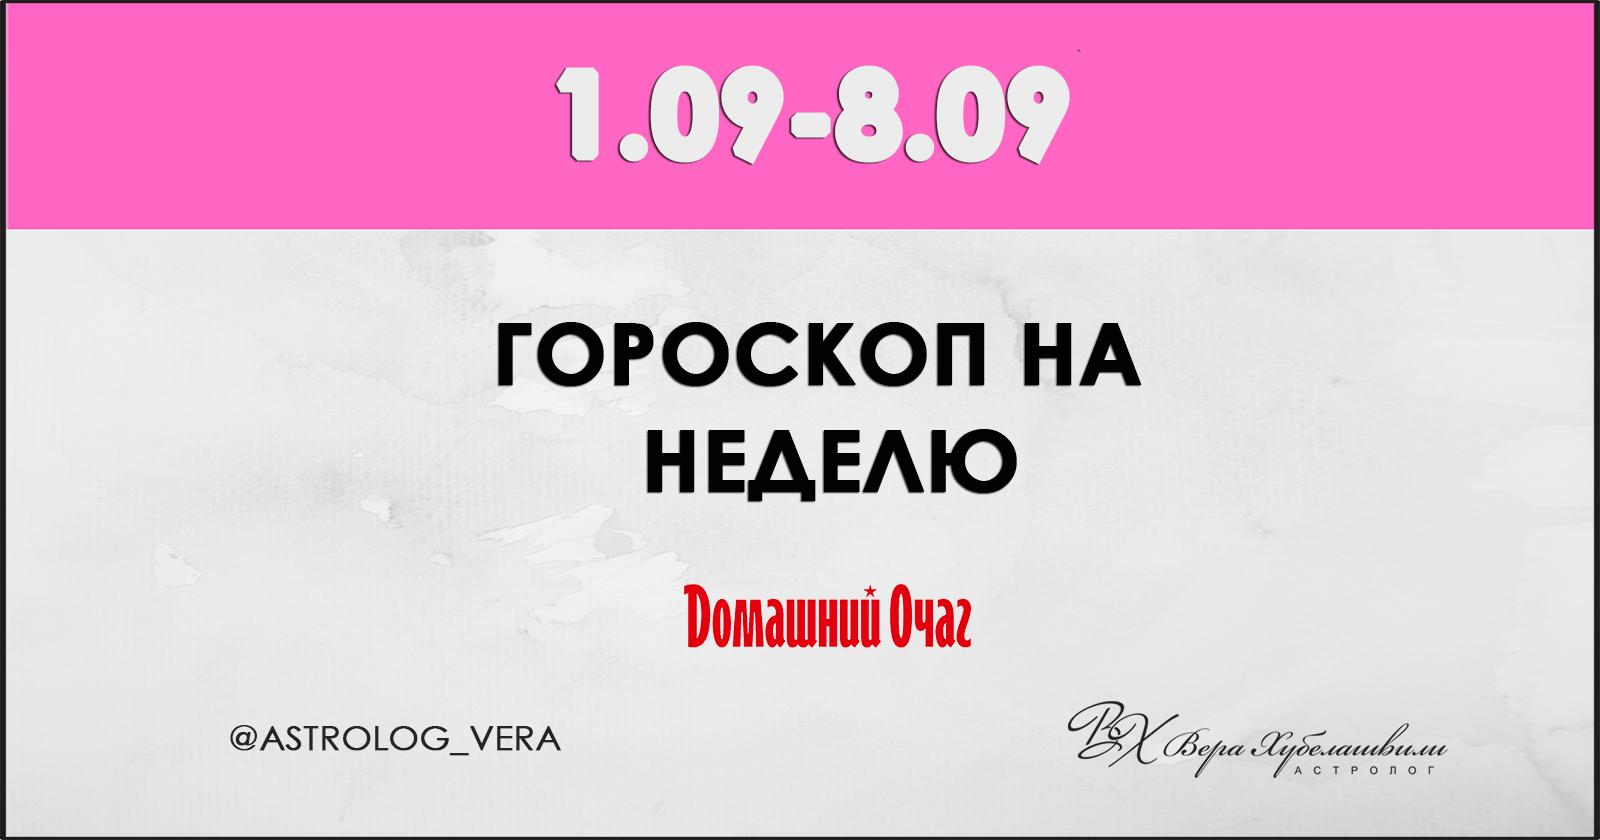 АСТРОЛОГИЧЕСКИЙ ПРОГНОЗ 2 СЕНТЯБРЯ - 8 СЕНТЯБРЯ 2019 (ДОМАШНИЙ ОЧАГ)